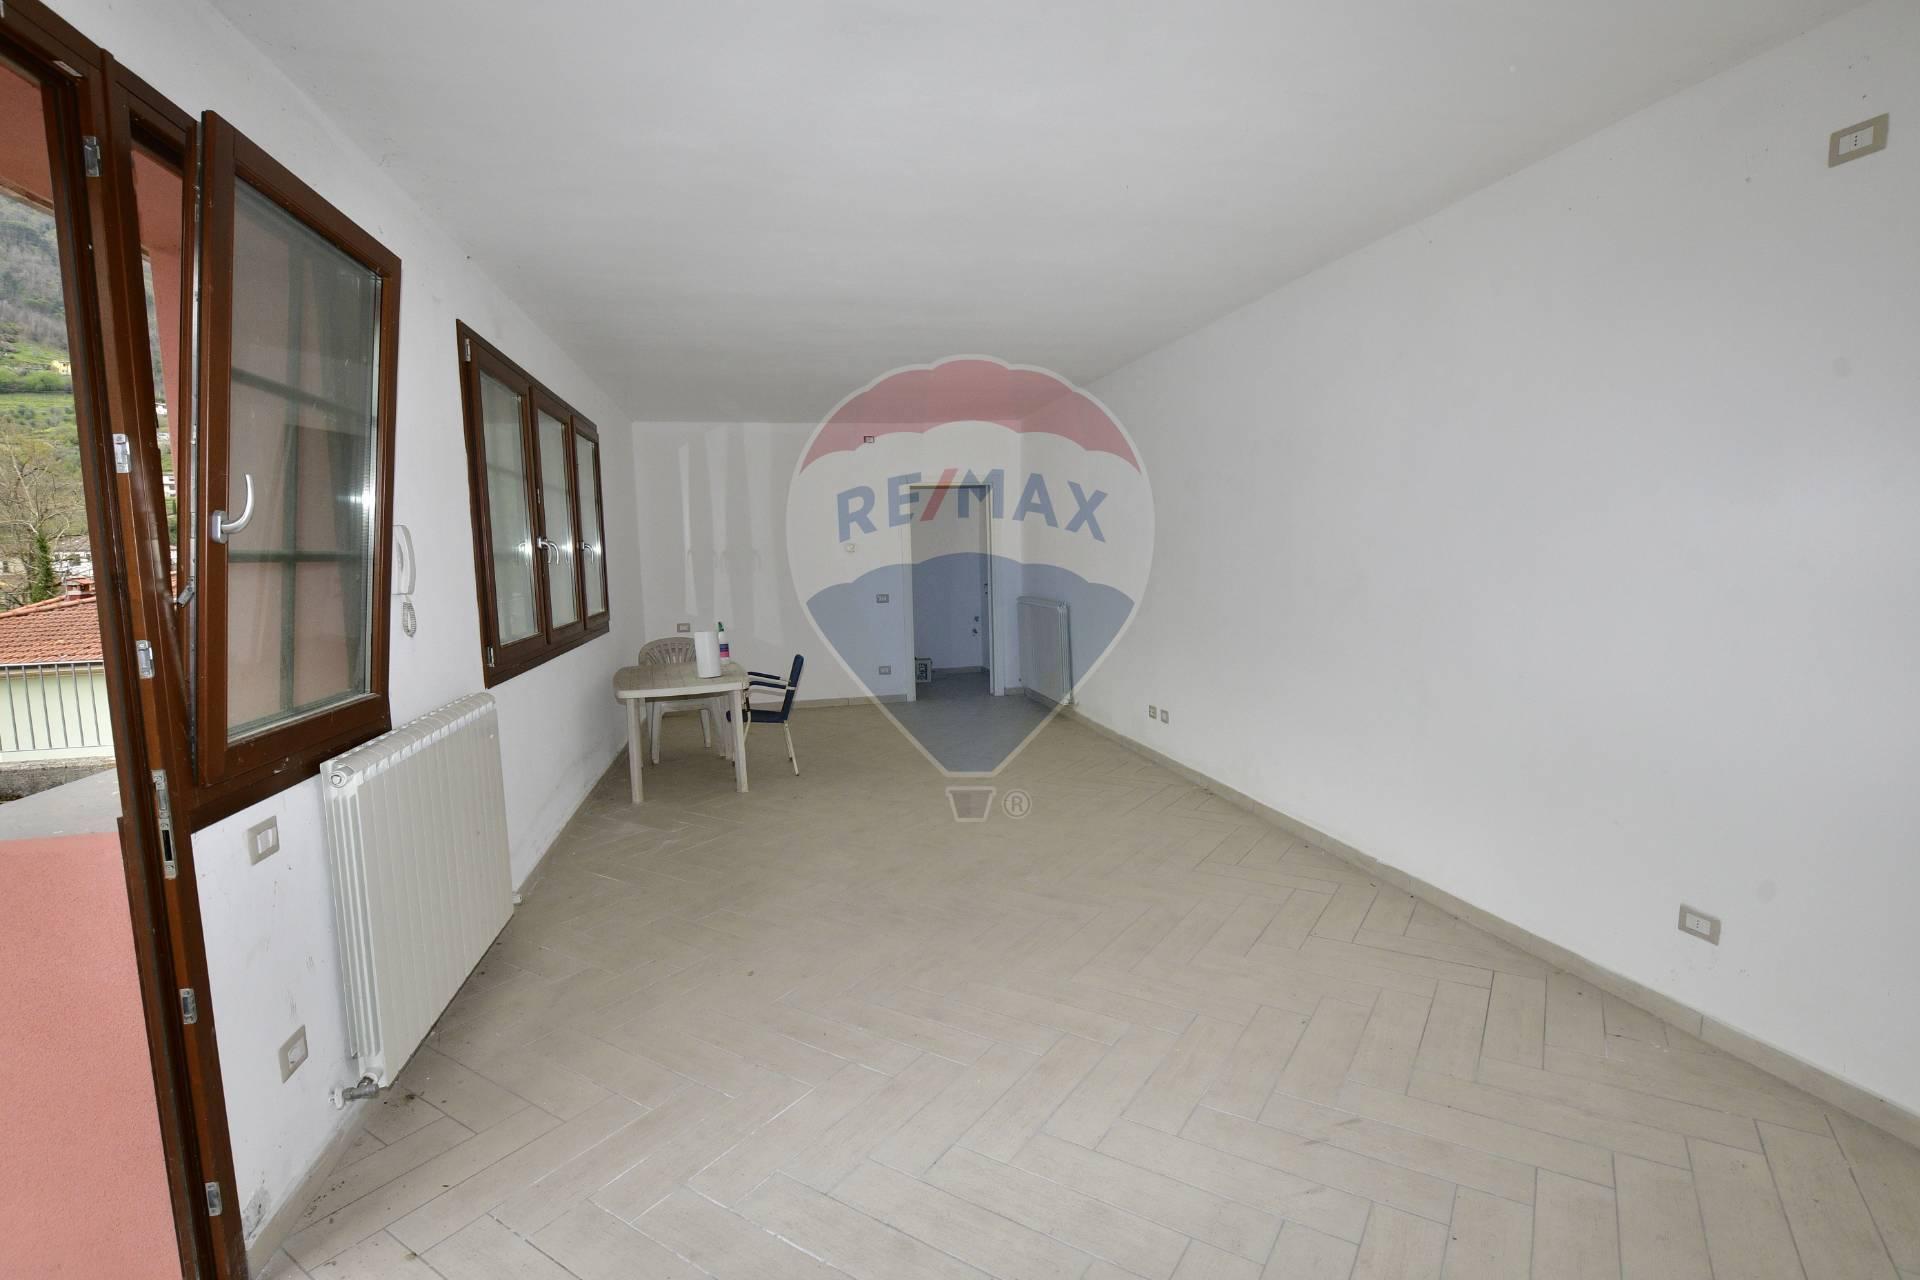 Ufficio / Studio in affitto a Bagni di Lucca, 9999 locali, prezzo € 200 | CambioCasa.it